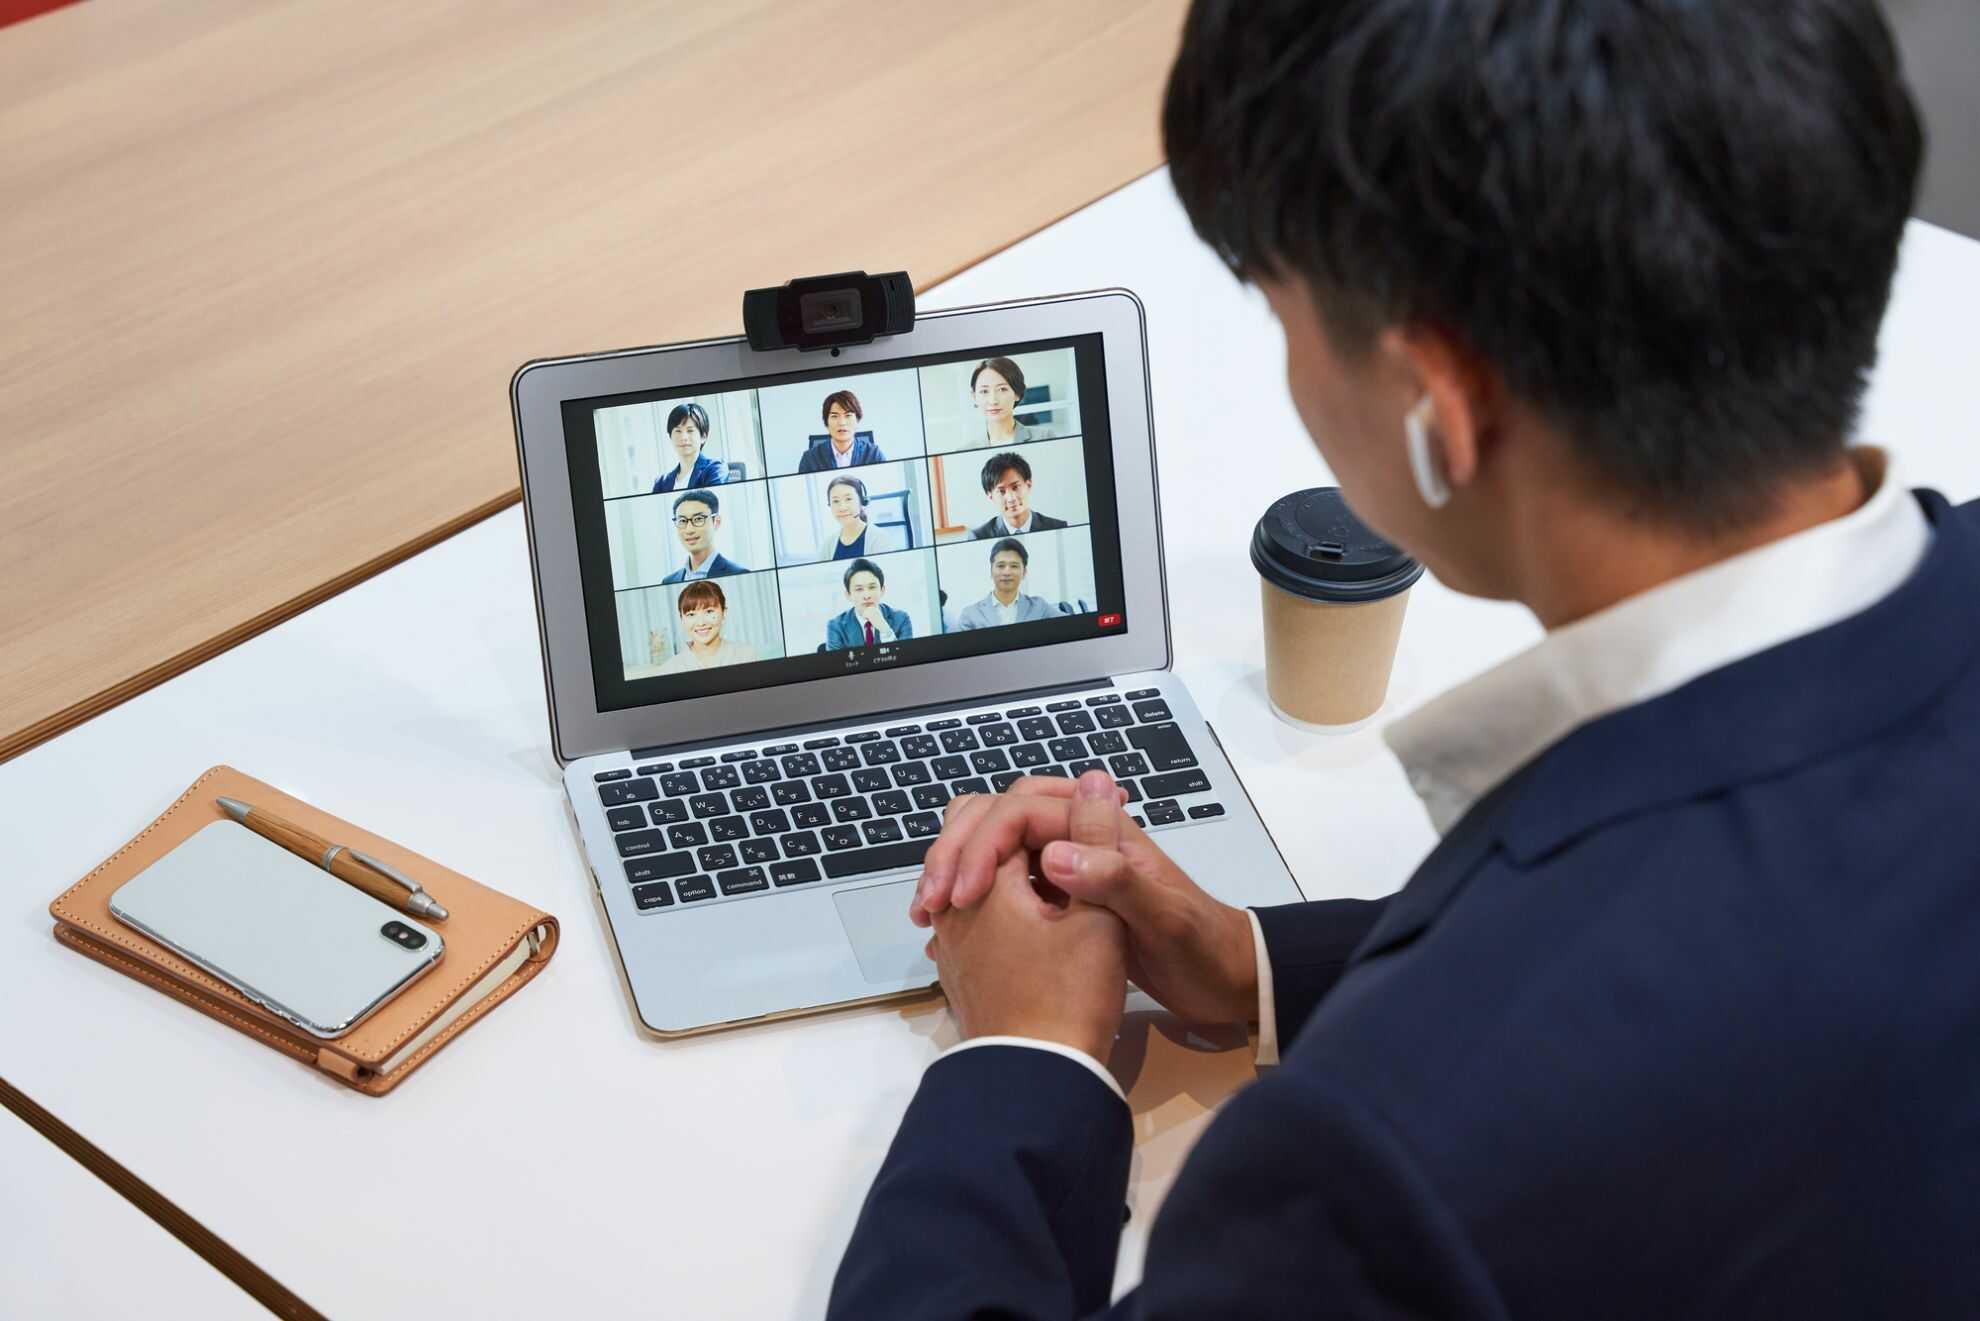 ノートパソコンでオンライン会議中のビジネスパーソン